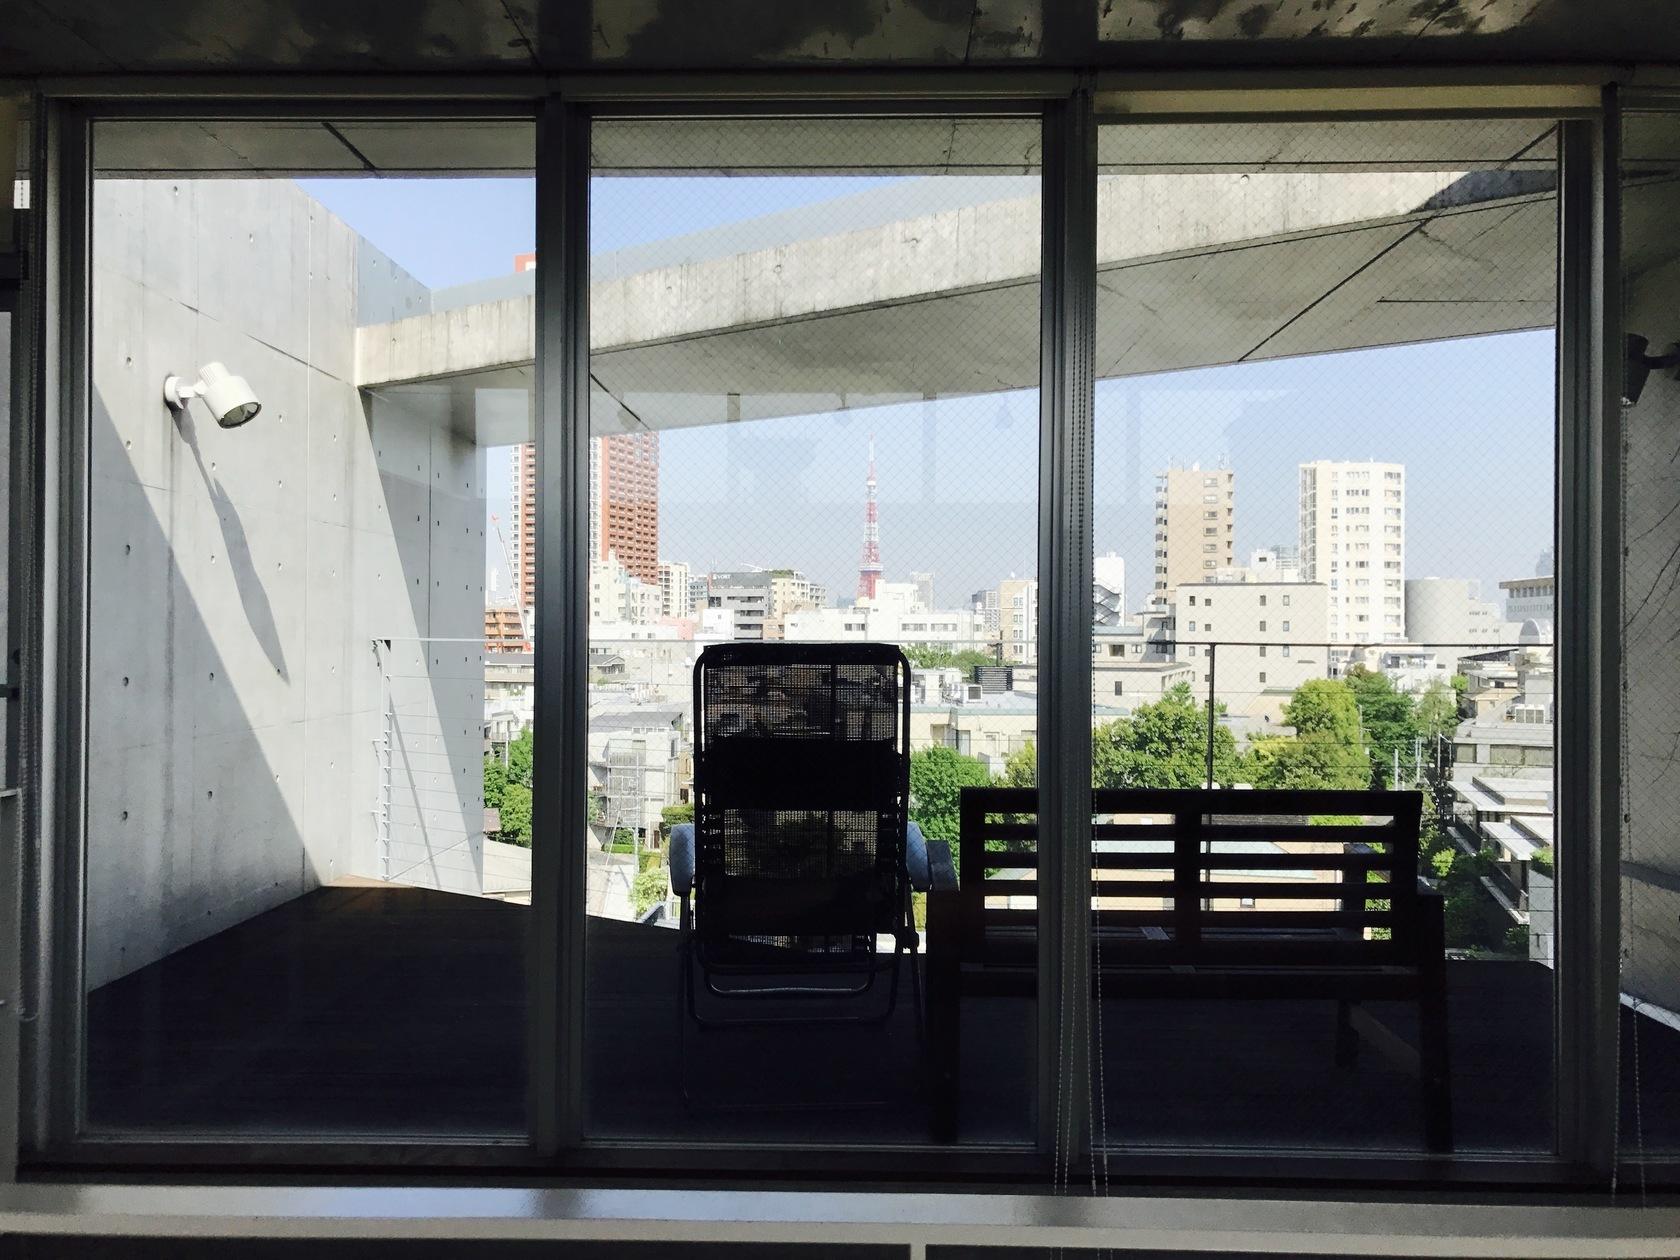 六本木・西麻布でのセレブBBQ、ホムパにおすすめ。東京タワー、六本木ヒルズが正面に見える広めバルコニー。オフ会、映画鑑賞にも。(東京タワーが見える広めバルコニー!夜BBQ、ホームパーティーにオススメ!) の写真0